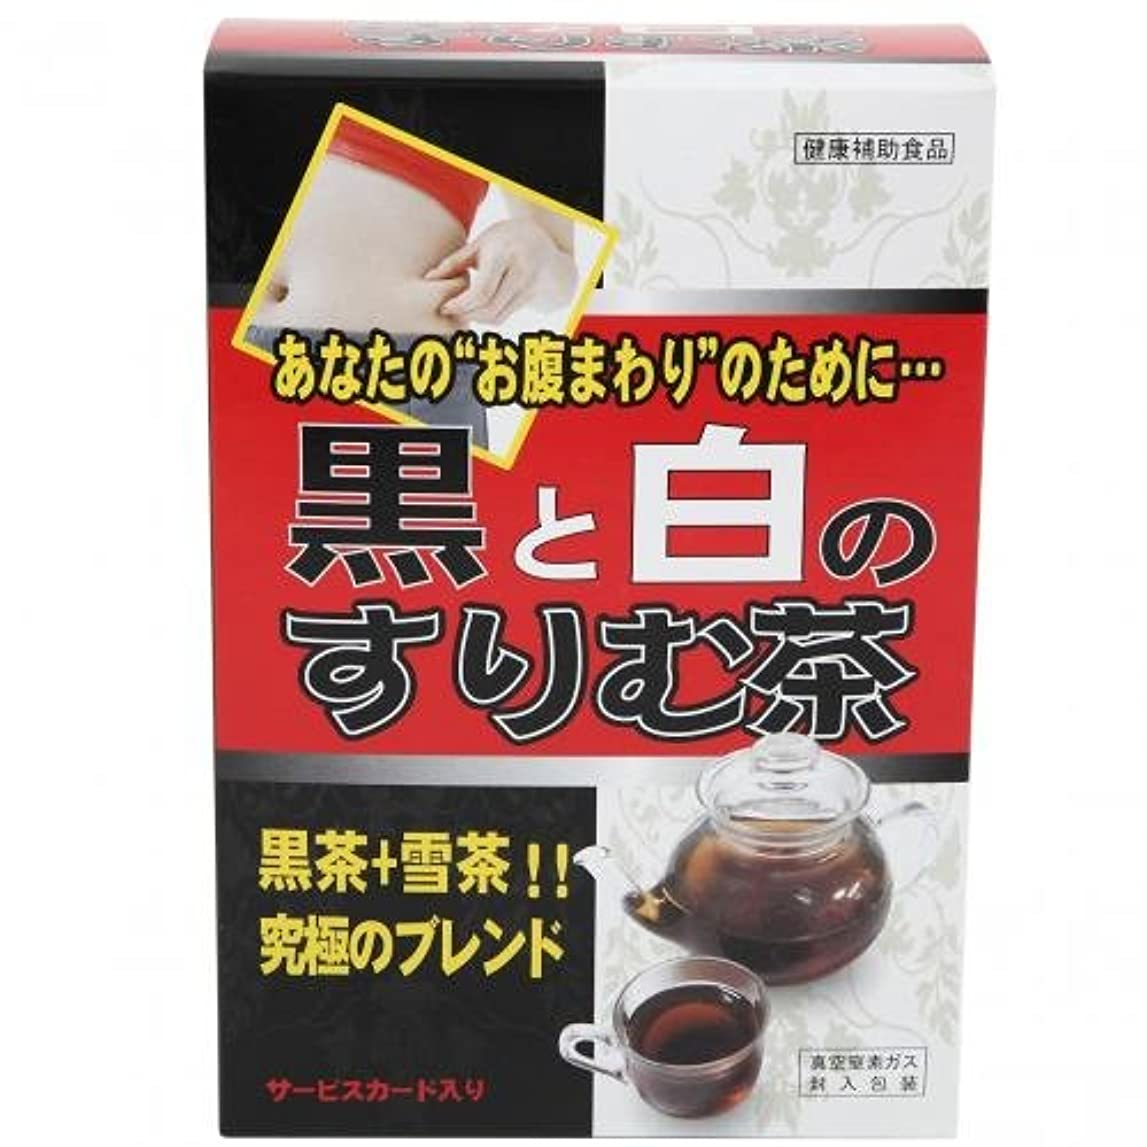 バンカー指ベアリング共栄黒と白のすりむ茶 24包